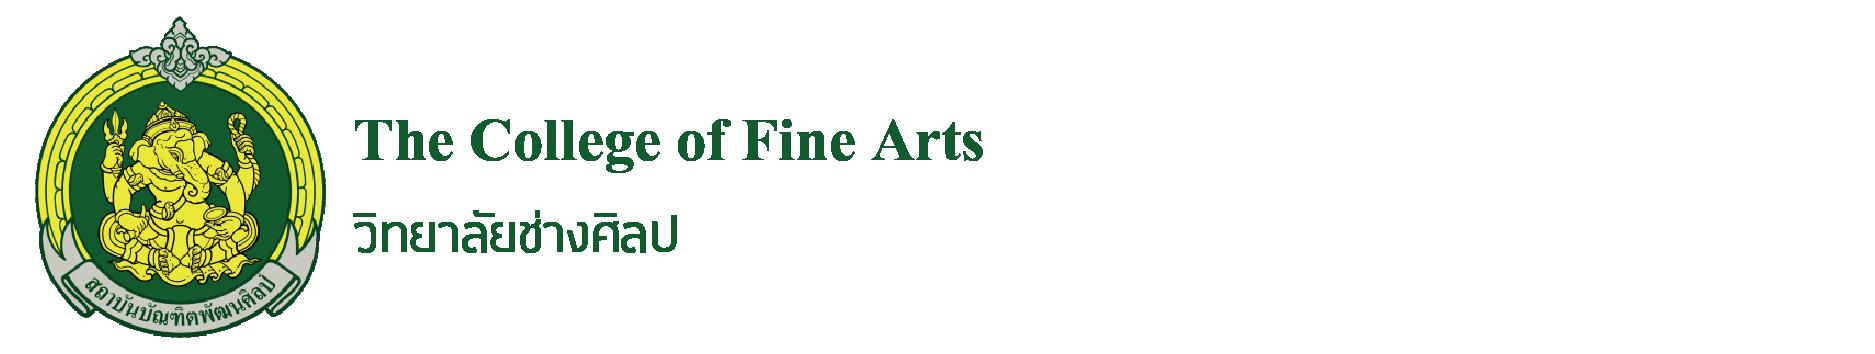 mini_logo_cfa_en